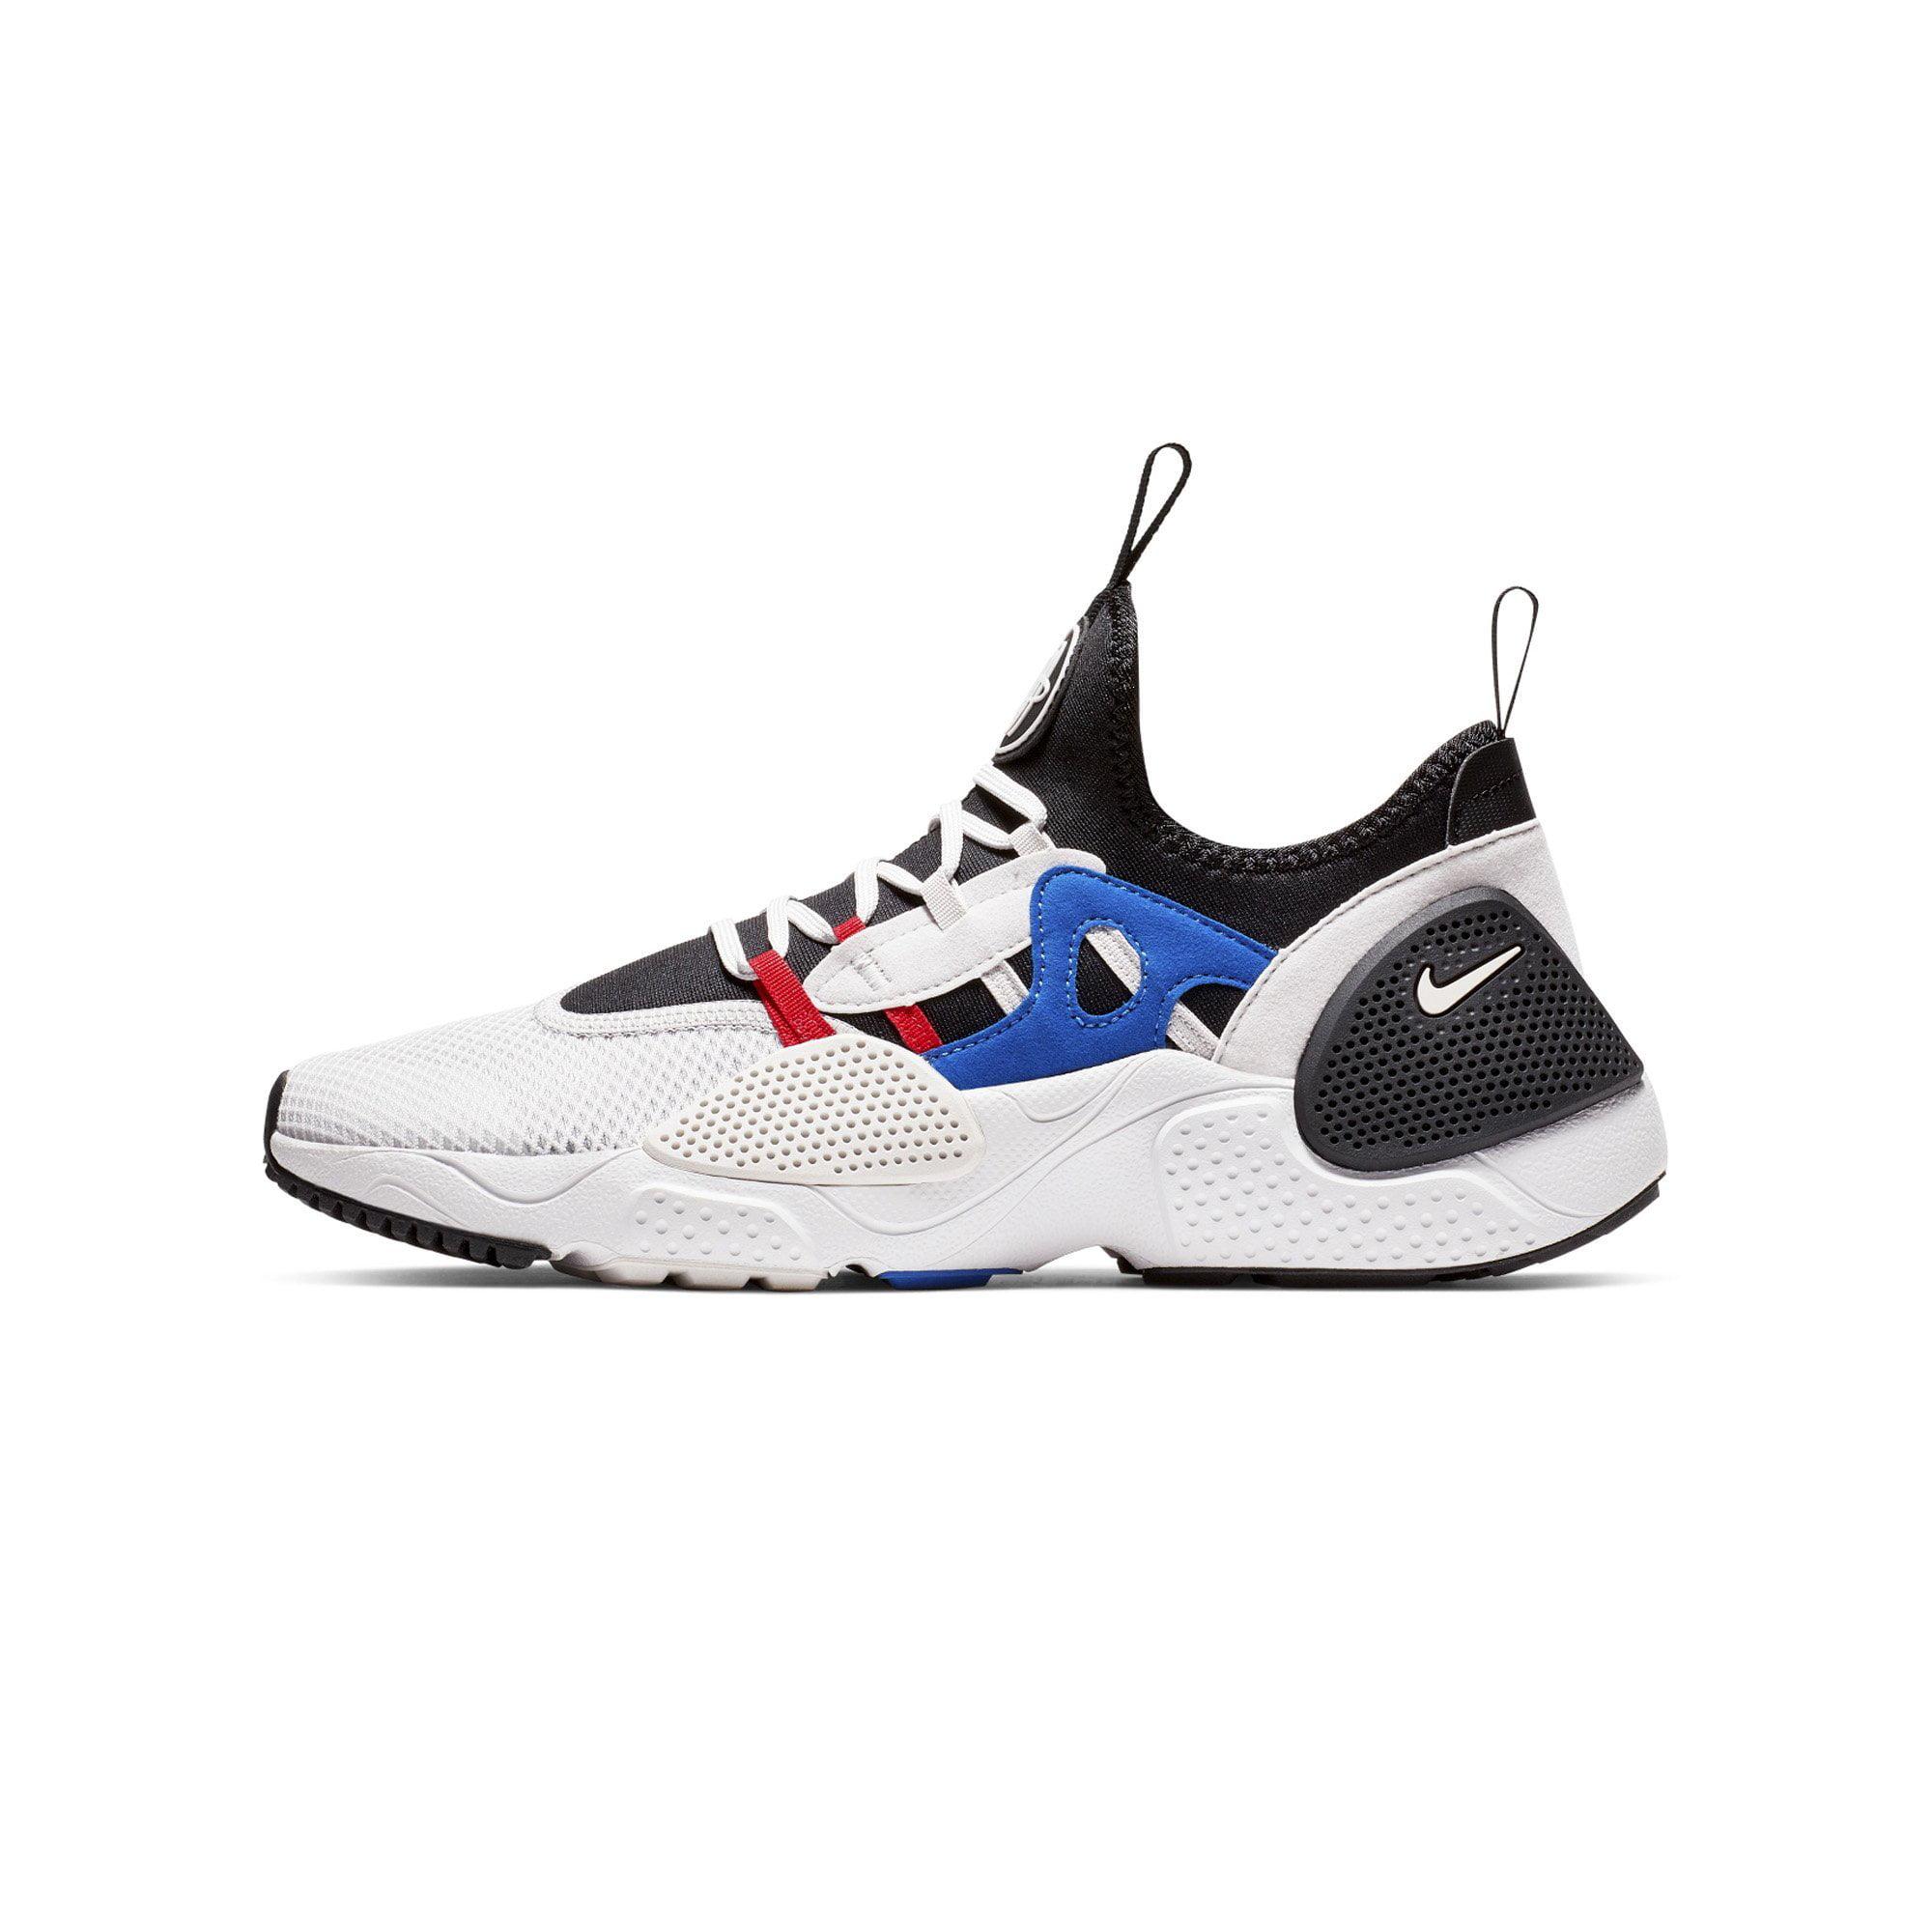 Nike - Mens Nike Huarache E.D.G.E TXT QS Black Game Royal ...